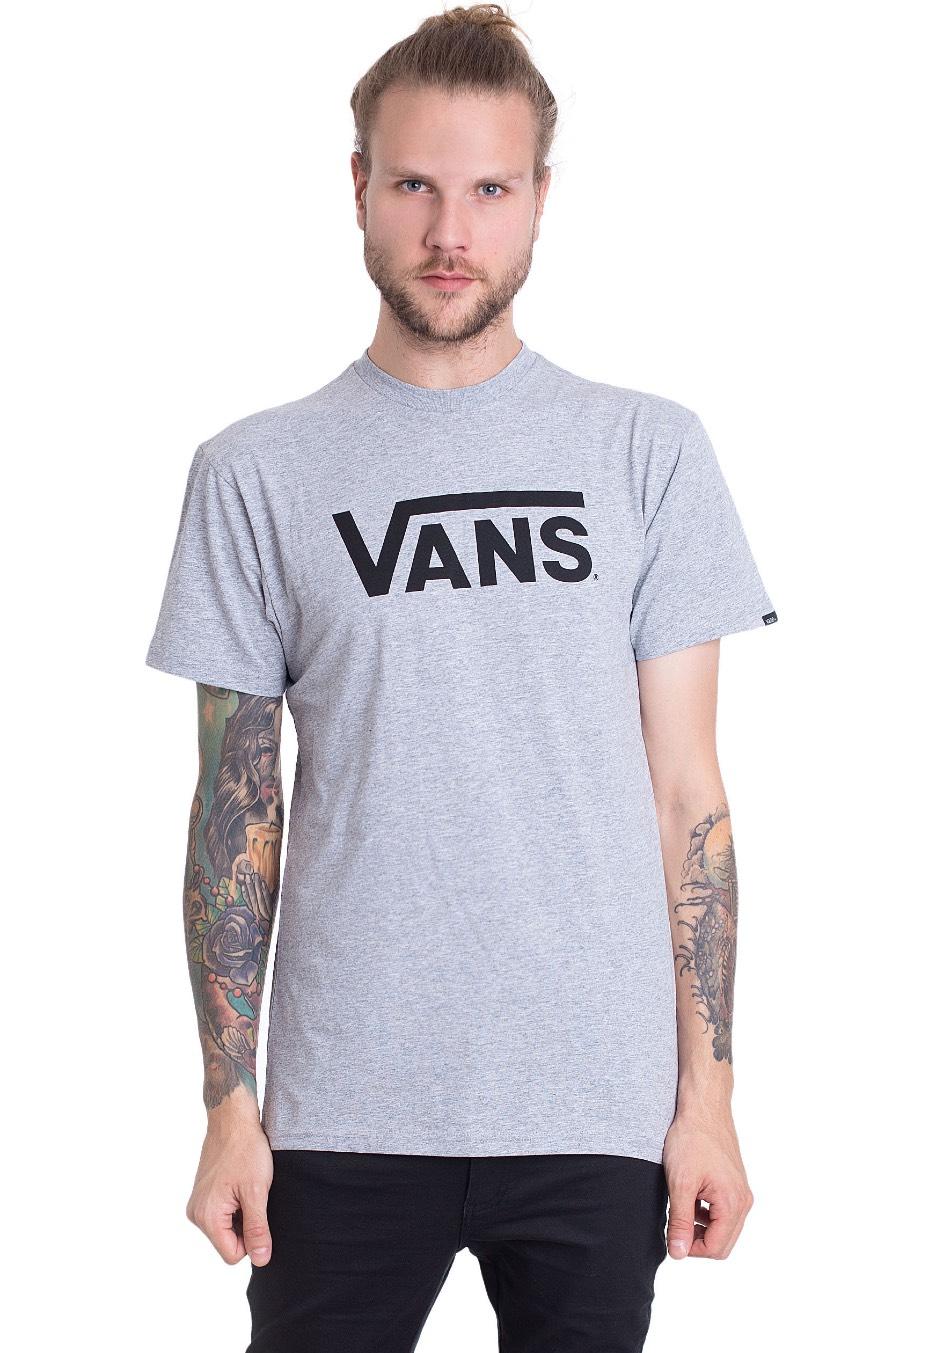 6254c6ca0 Vans - Vans Classic Athletic Heather/Black - T-Shirt - Impericon.com AU